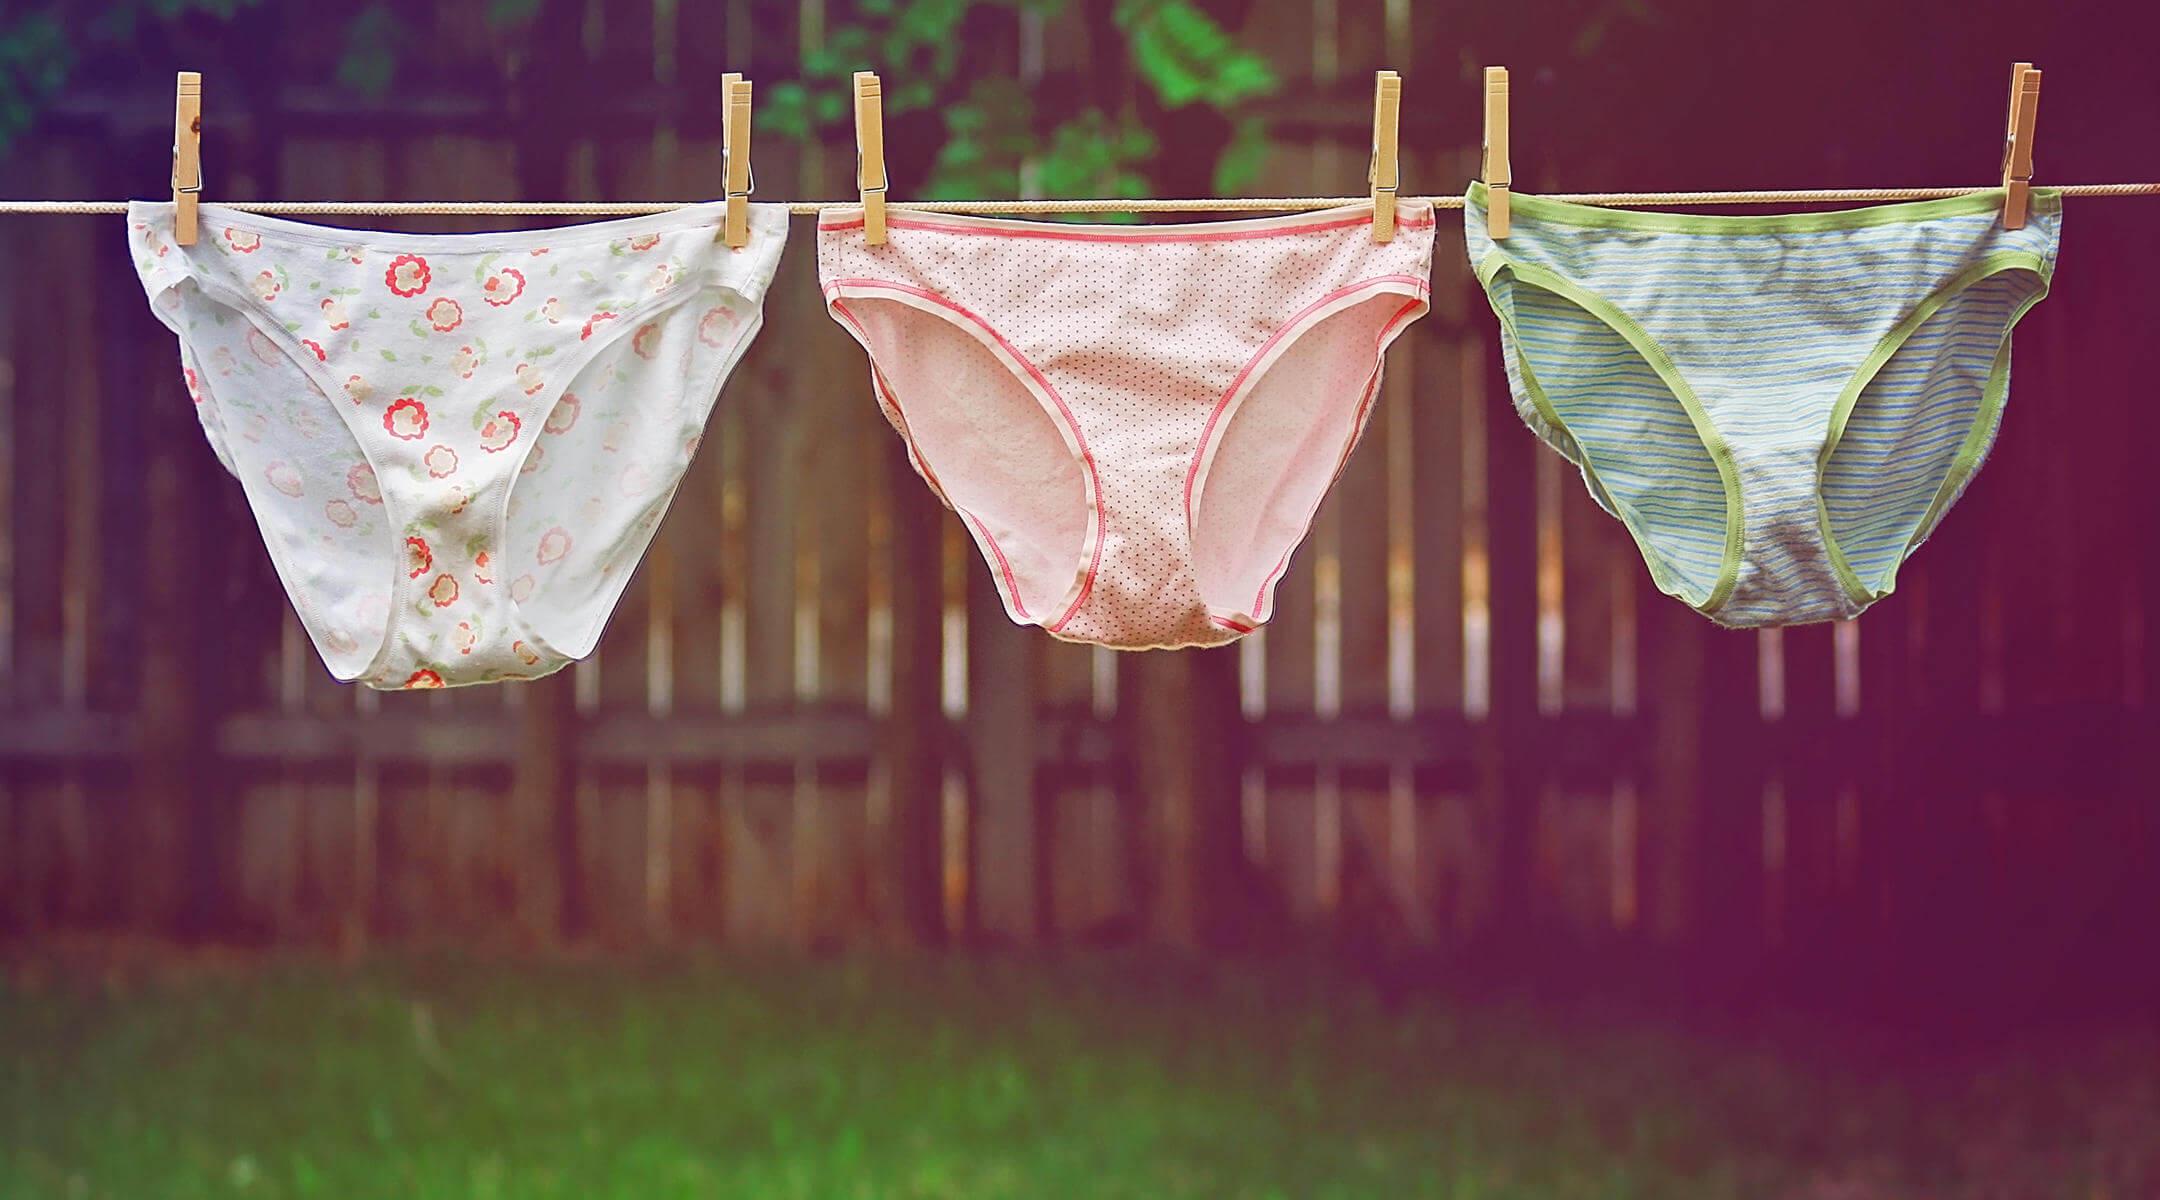 Kawaii lingerie